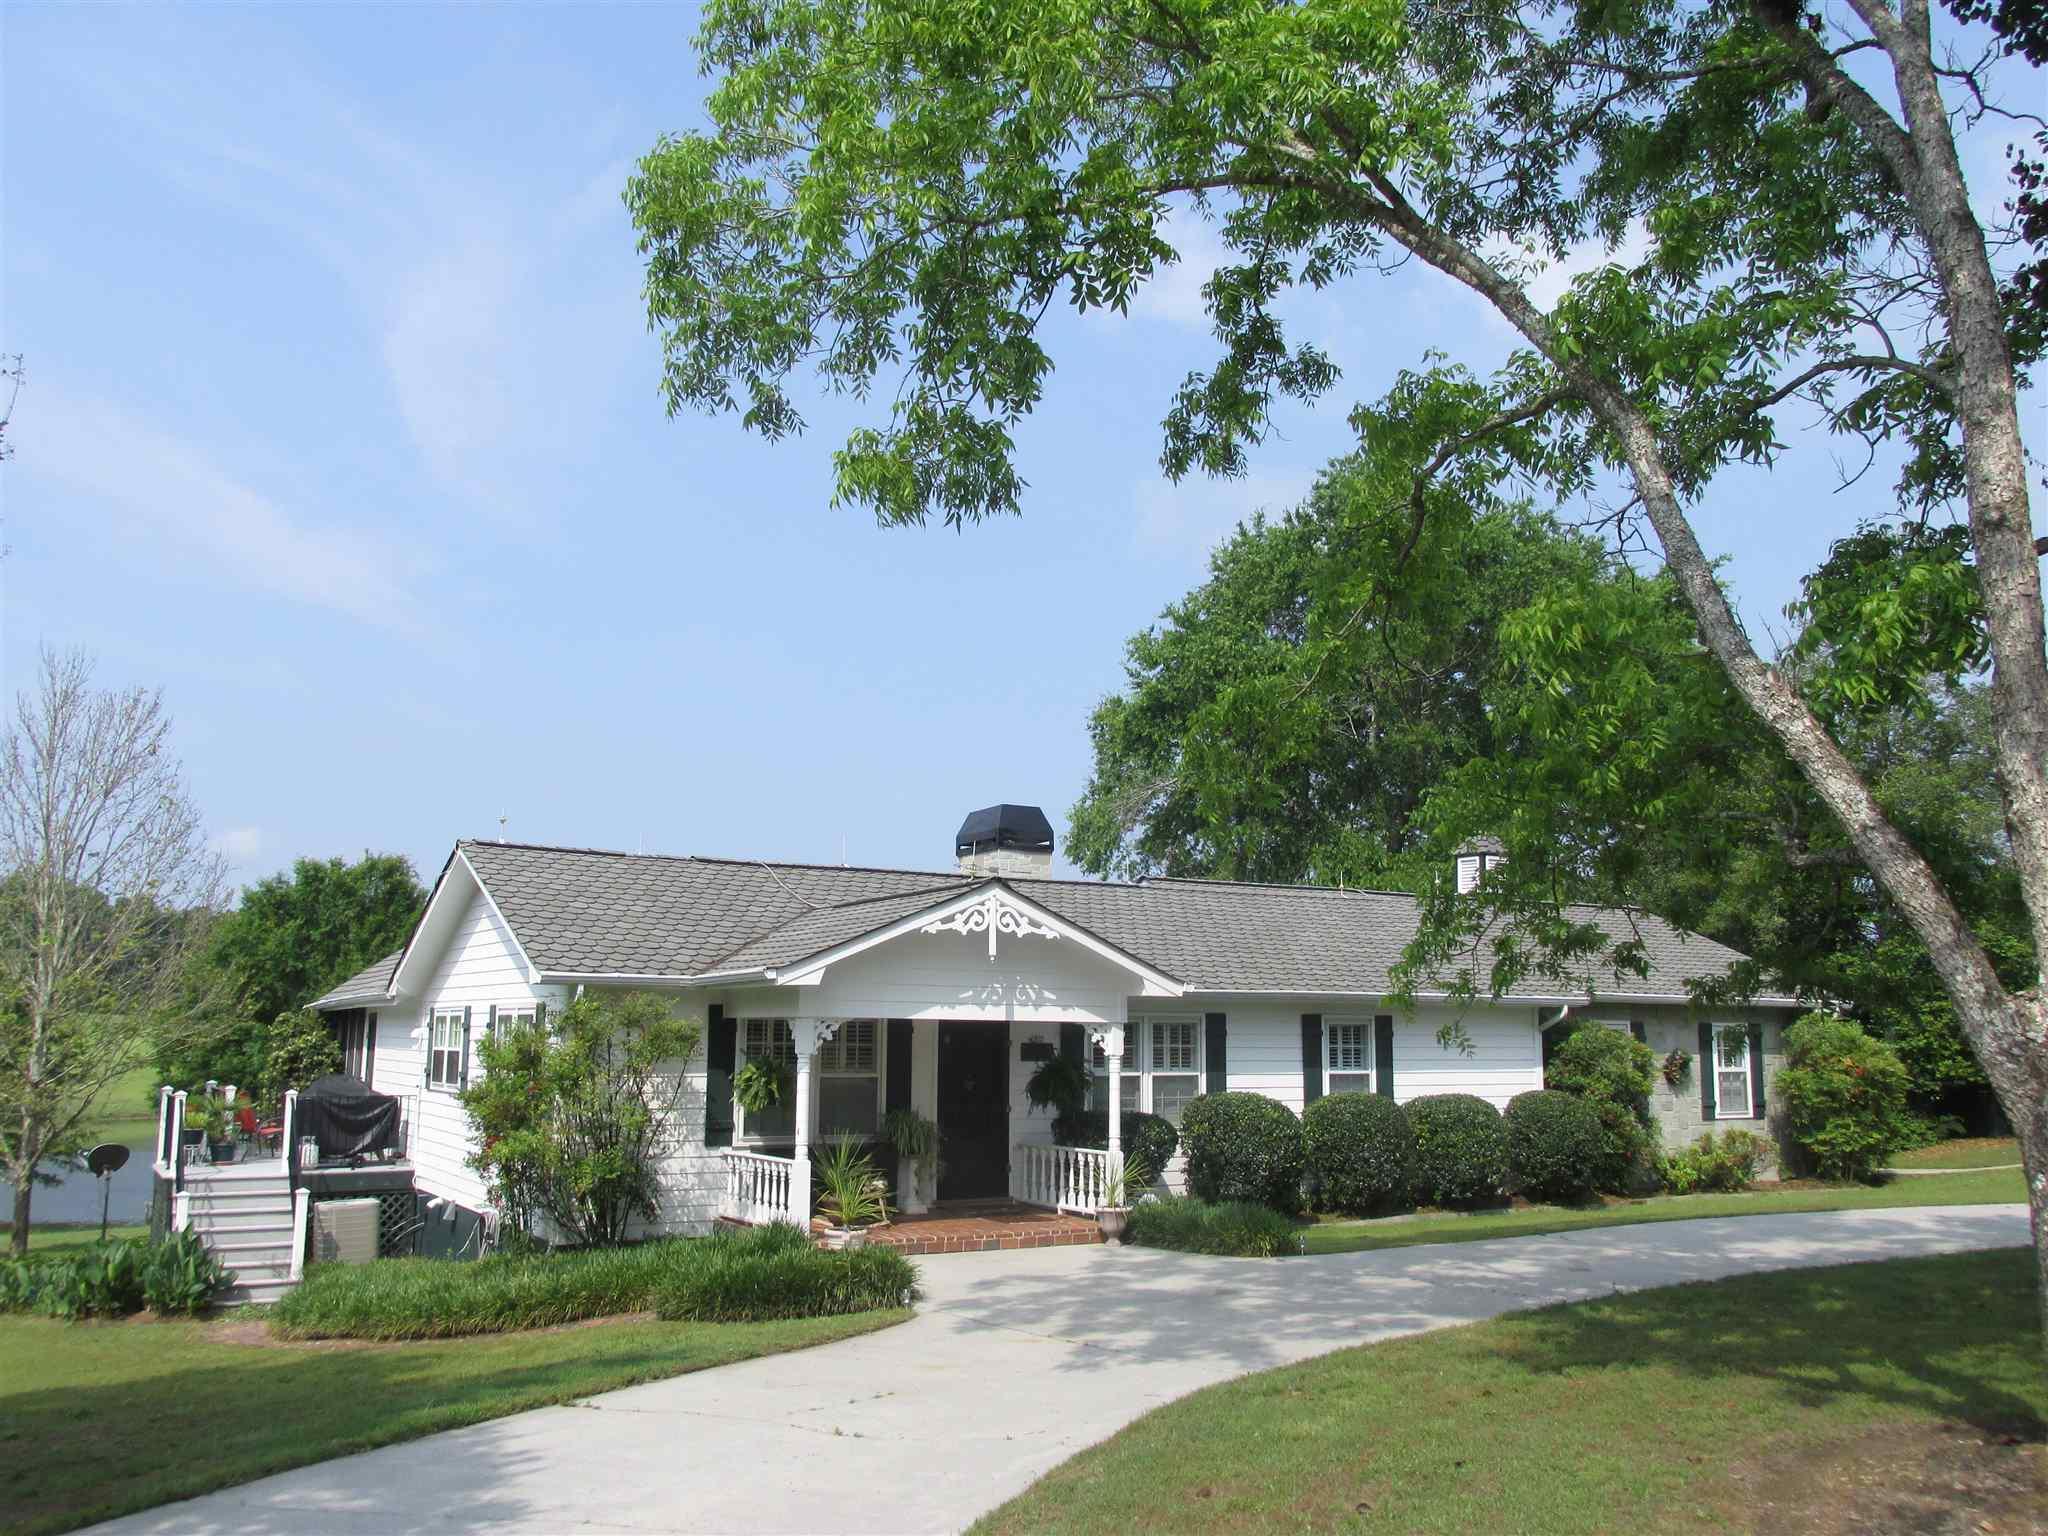 3551 WALKER CHURCH ROAD, Lake Oconee in Greene County, GA 30642 Home for Sale